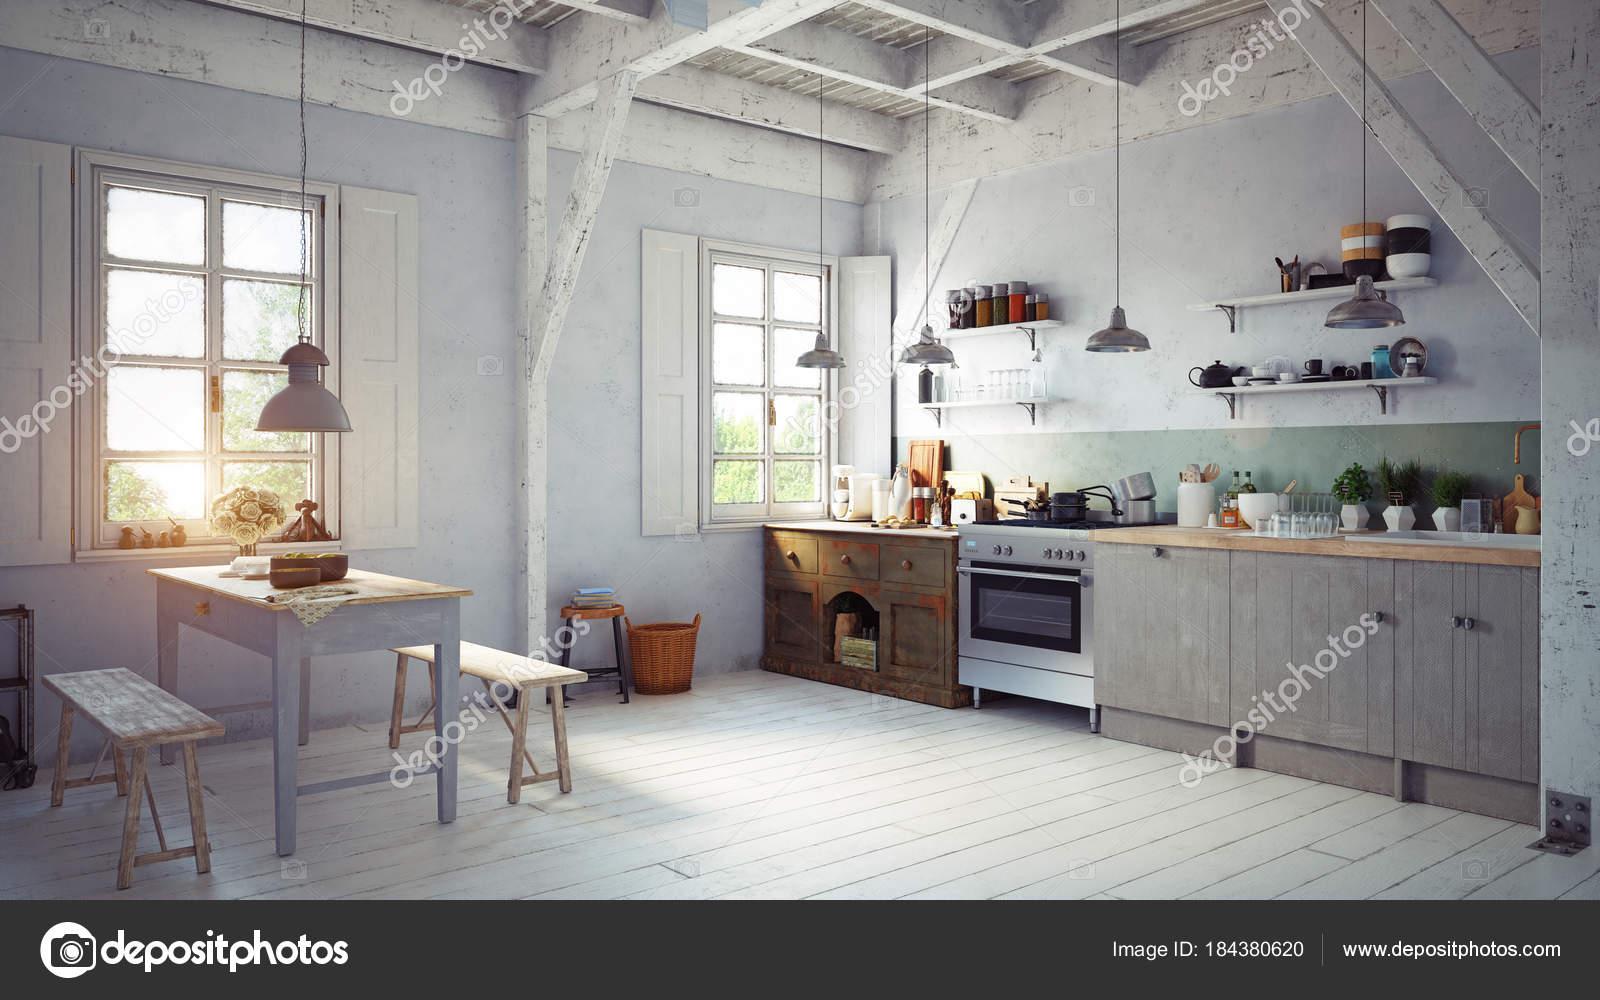 Außergewöhnlich Küche Vintage Sammlung Von Der Stil Küche Interieur Mit Holztisch Der